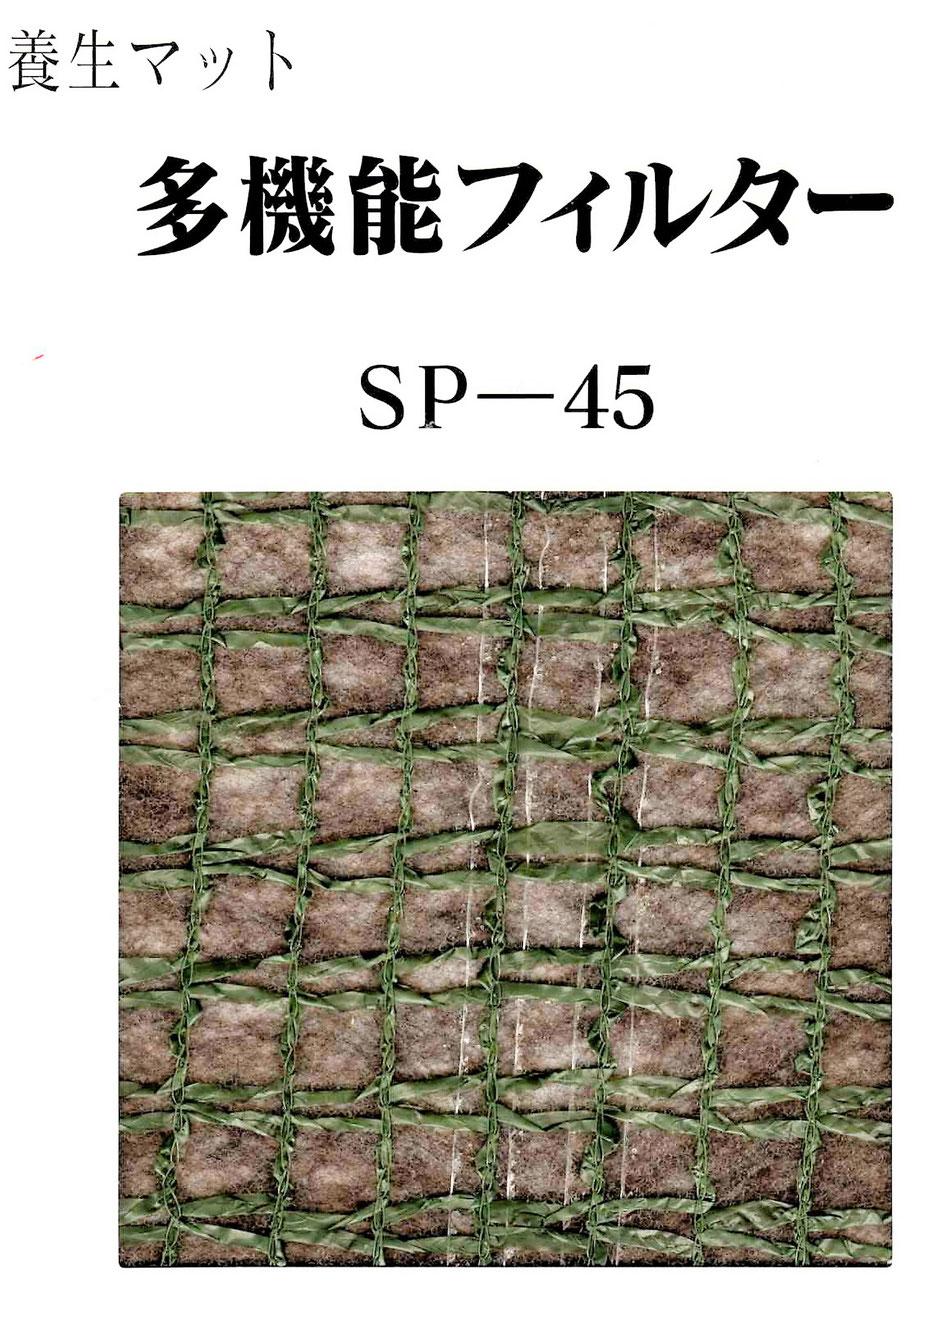 のり面や土がむき出しの表土を、手軽に保護して緑化が出来る透水シートのご紹介する写真とページです。